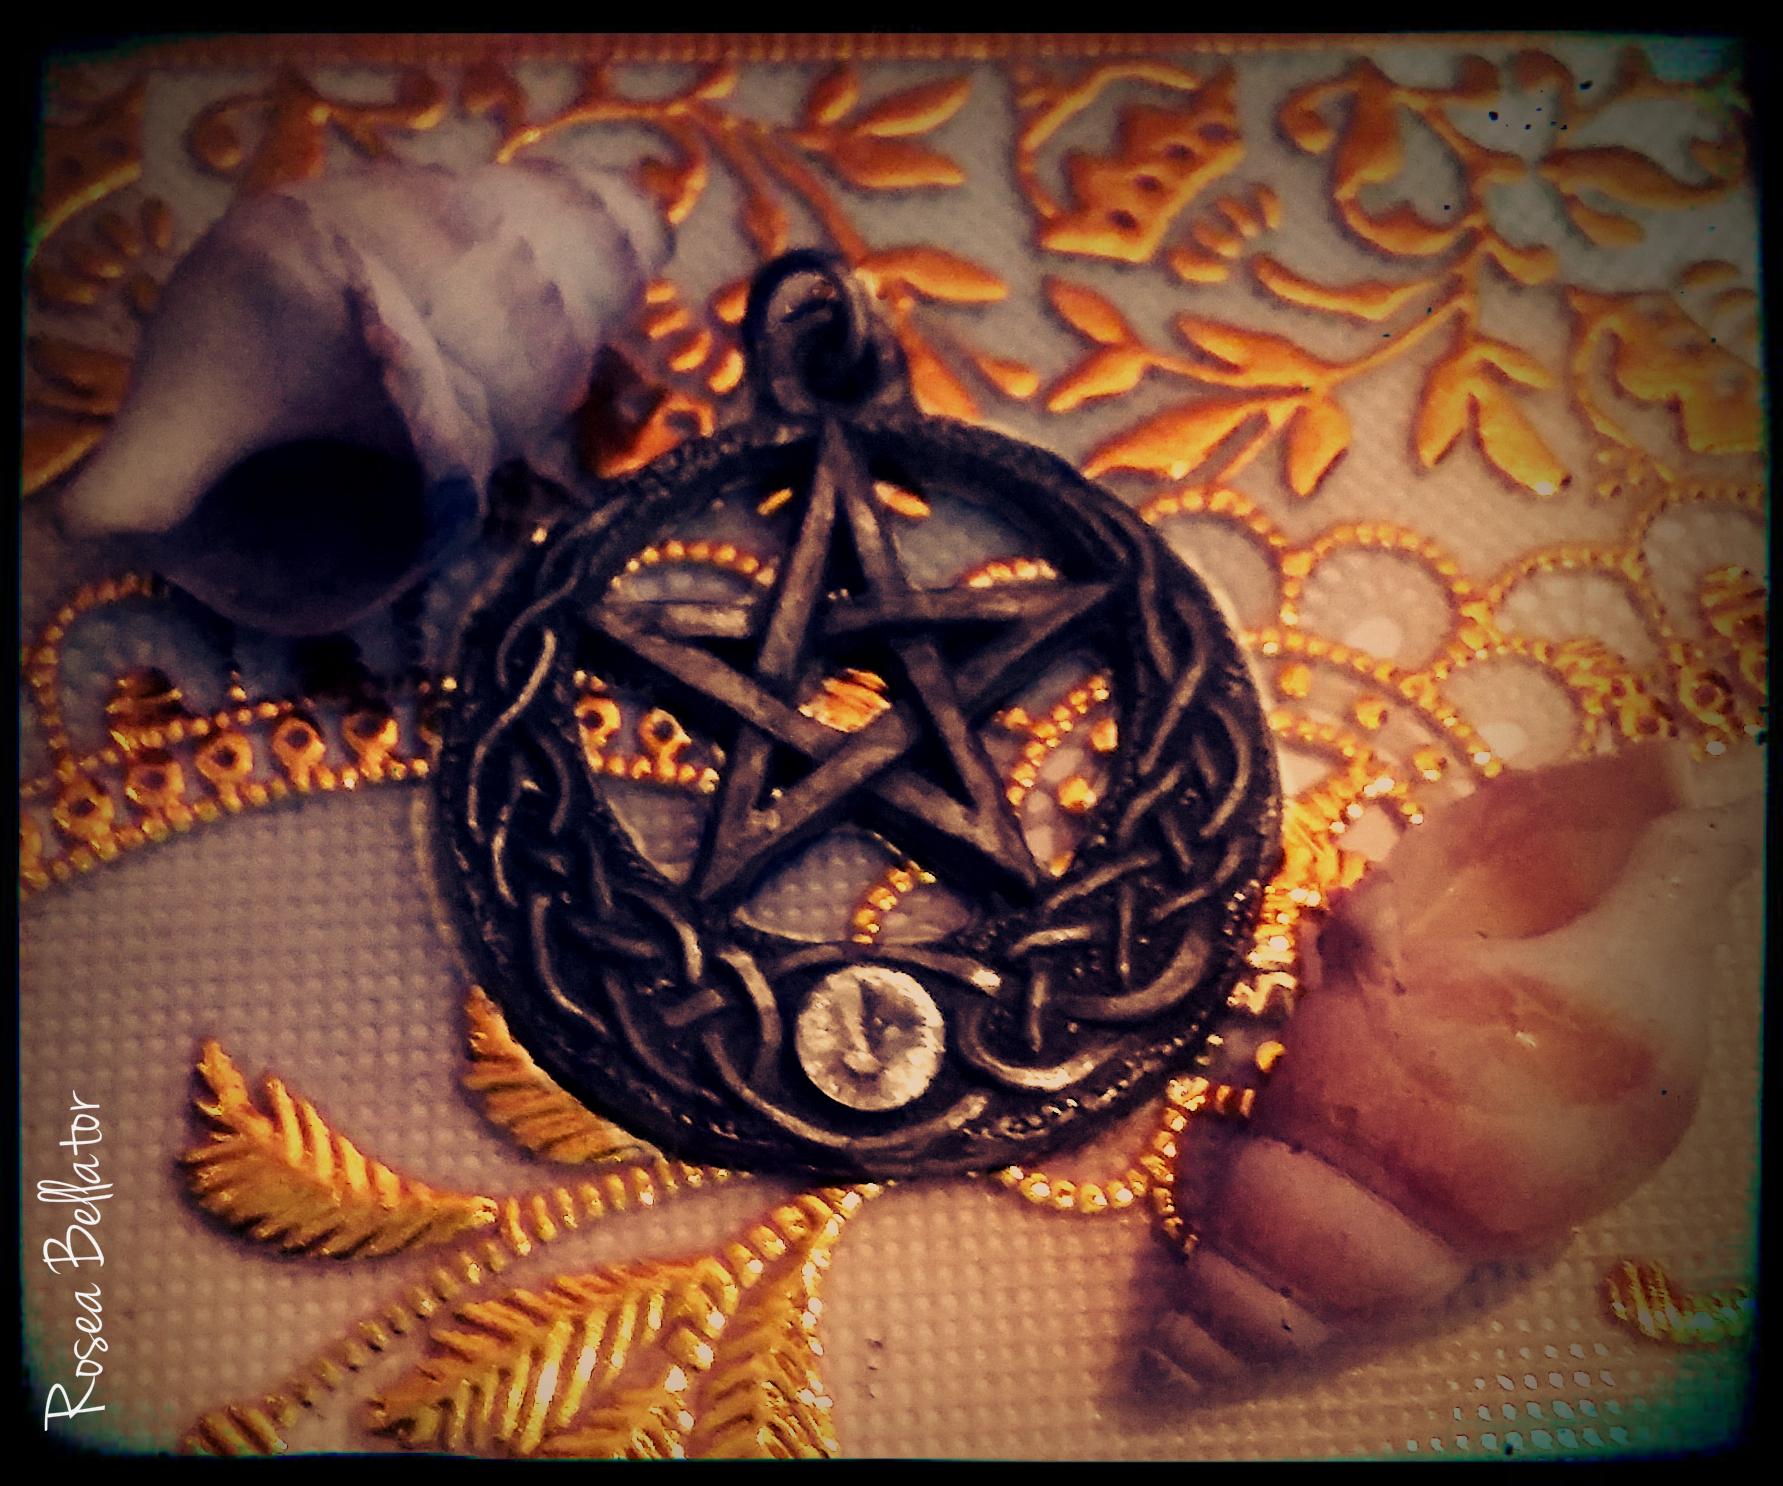 pentagrama conduzindo um ritual - conduzindo um ritual de iniciante - conduzindo um ritual modelo - conduzindo um ritual exemplo - conduzindo um ritual iniciante real